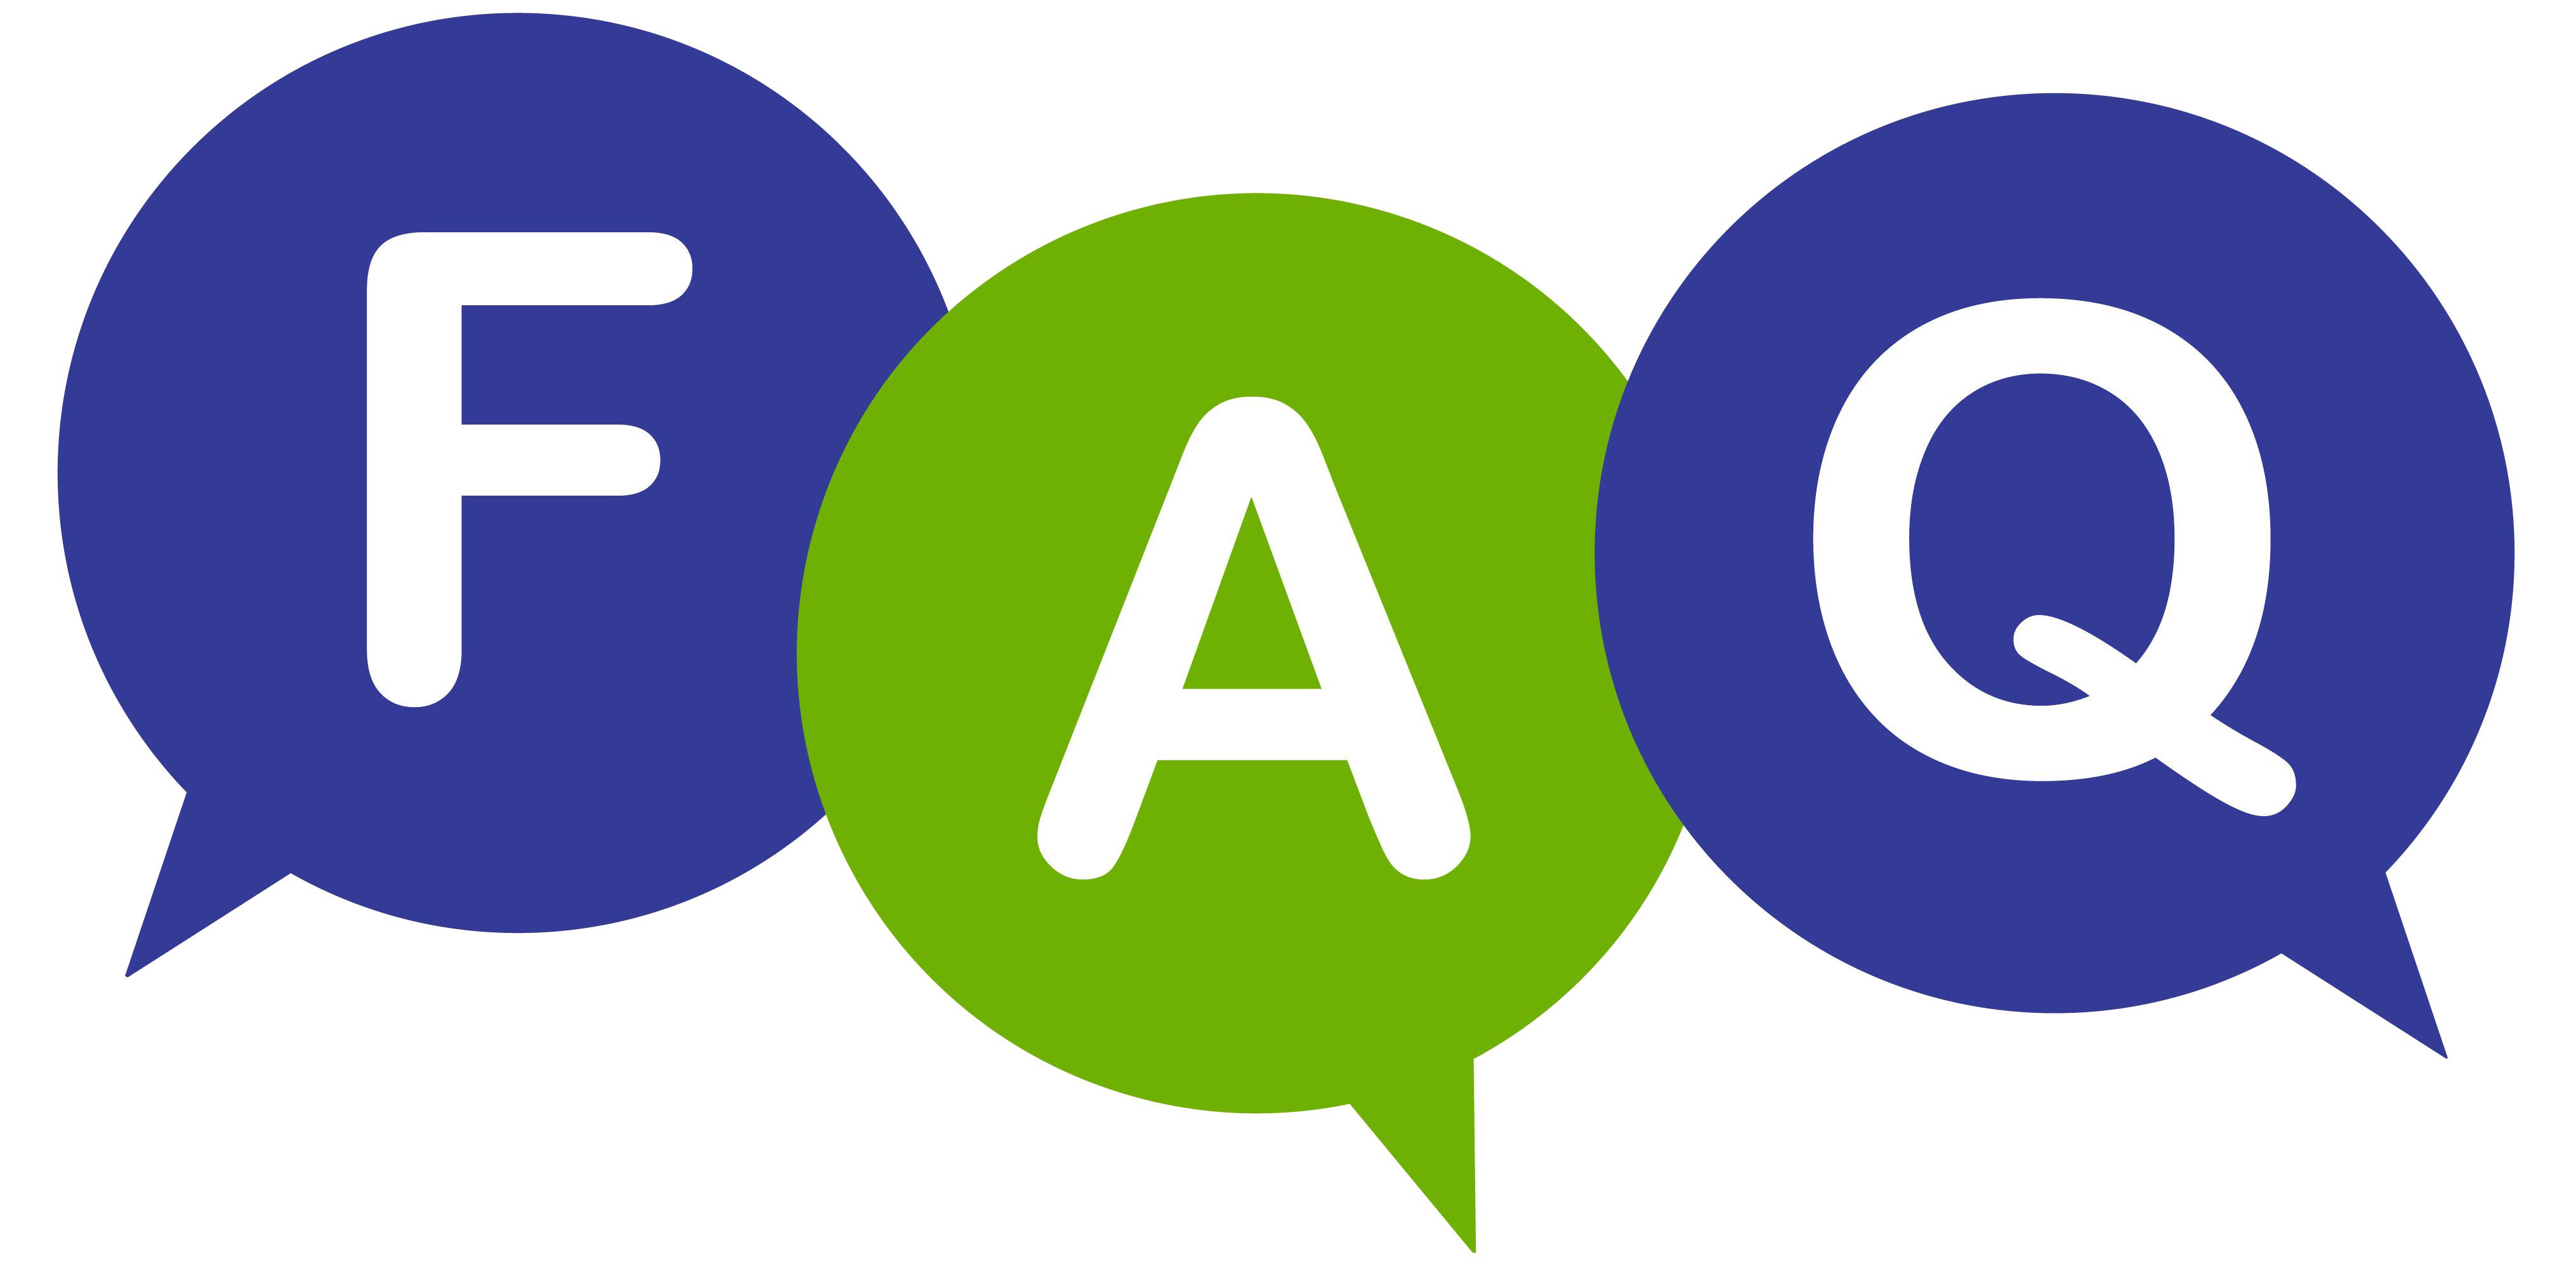 FAQ PNG Clipart.